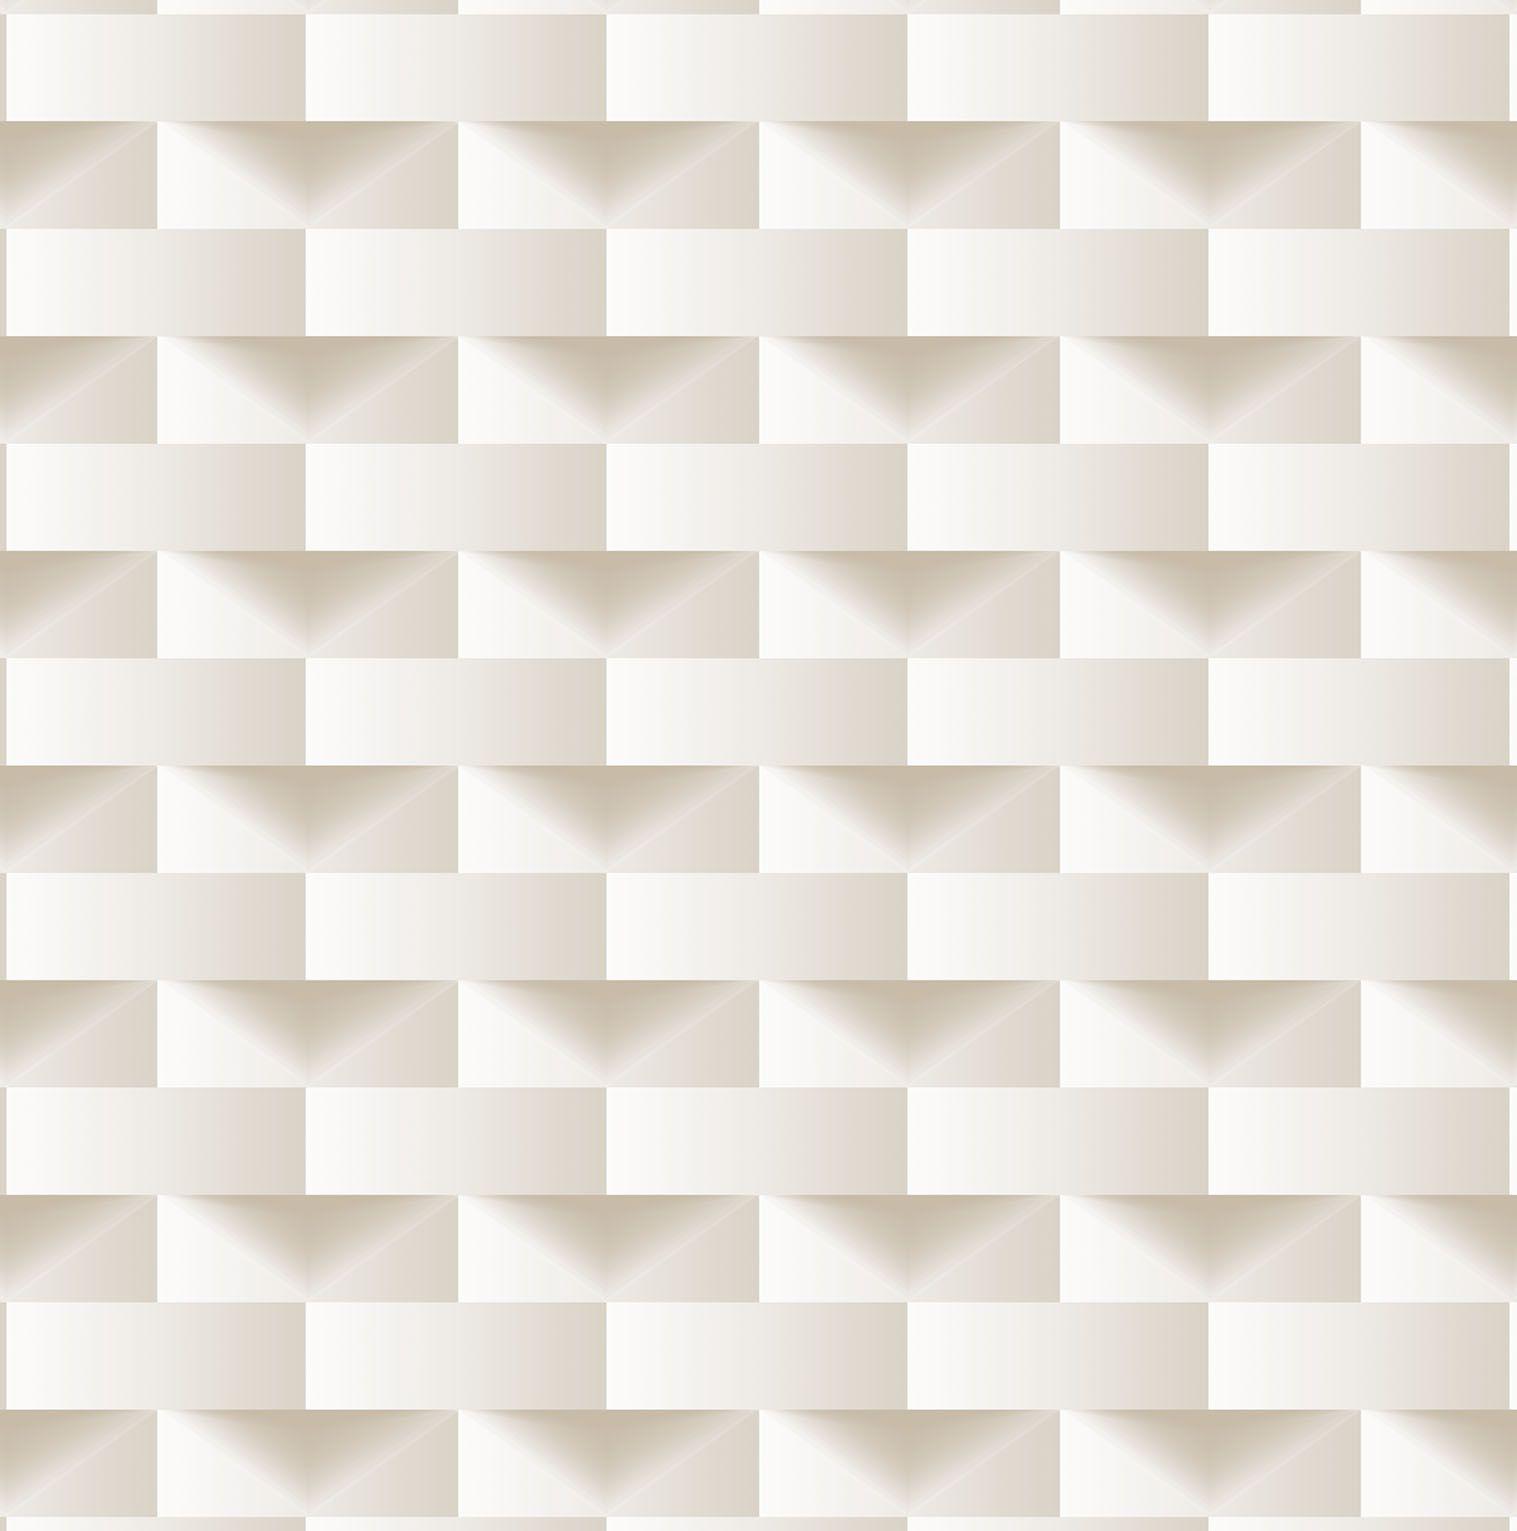 Papel de parede Bobinex Vinílico Coleção Dimensões Geométrico 3D Bege, Marfim